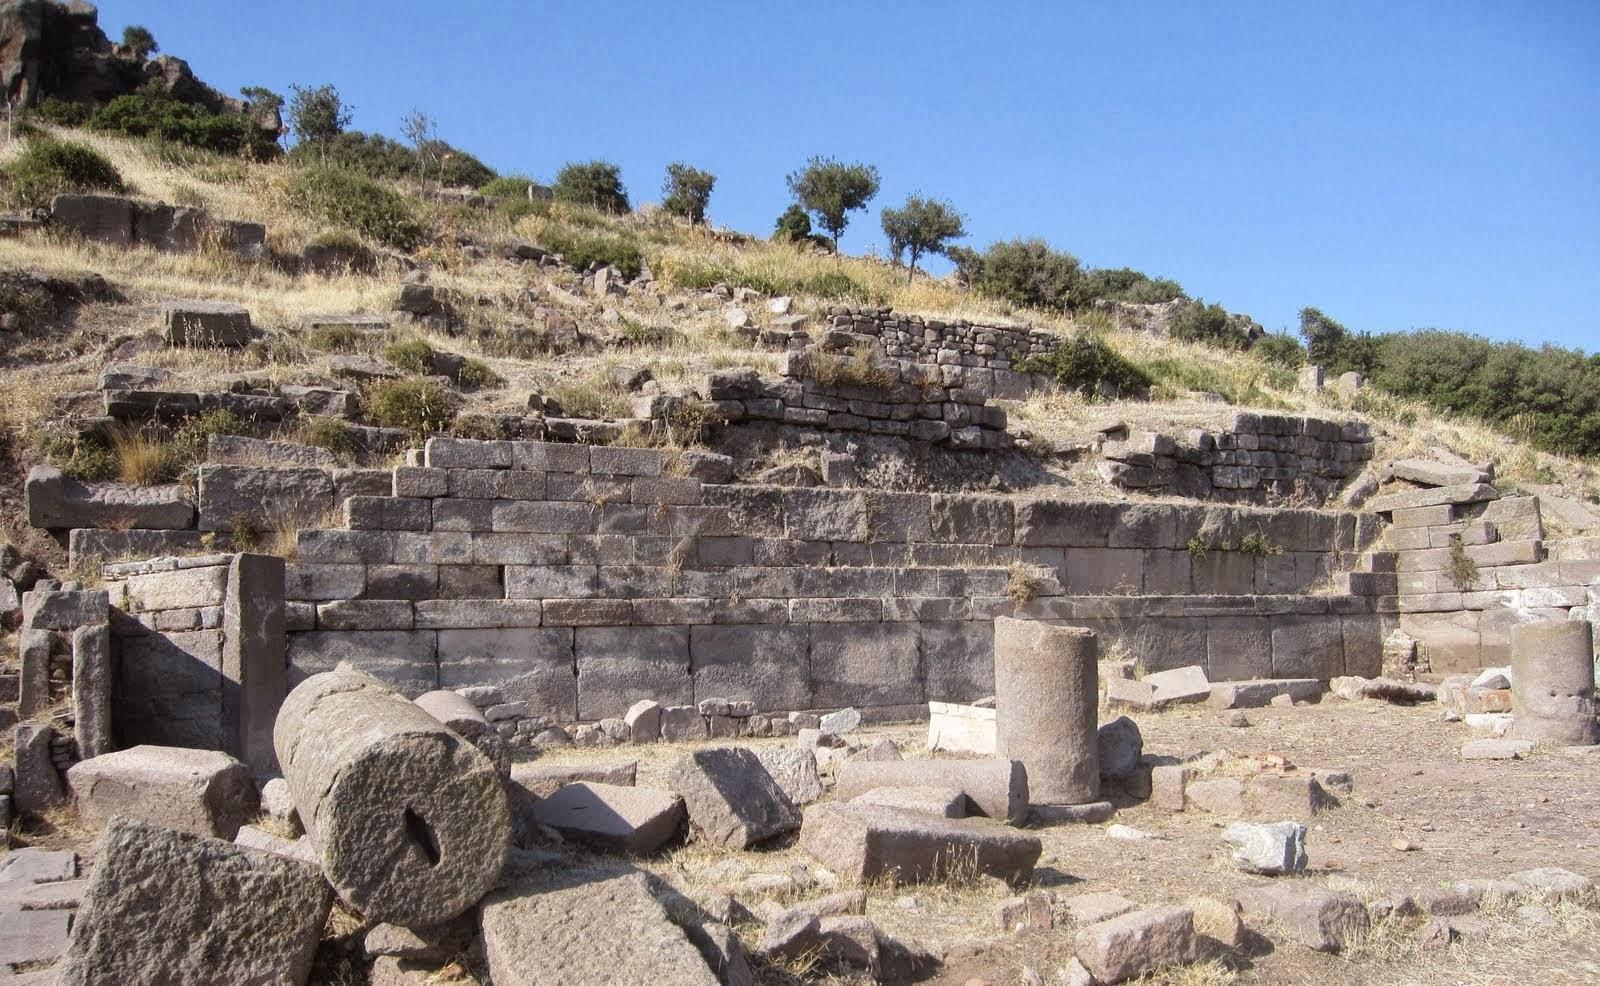 Μακεδονία, ένας ακόμη Ελληνικός πολιτισμός αποκαλύπτεται